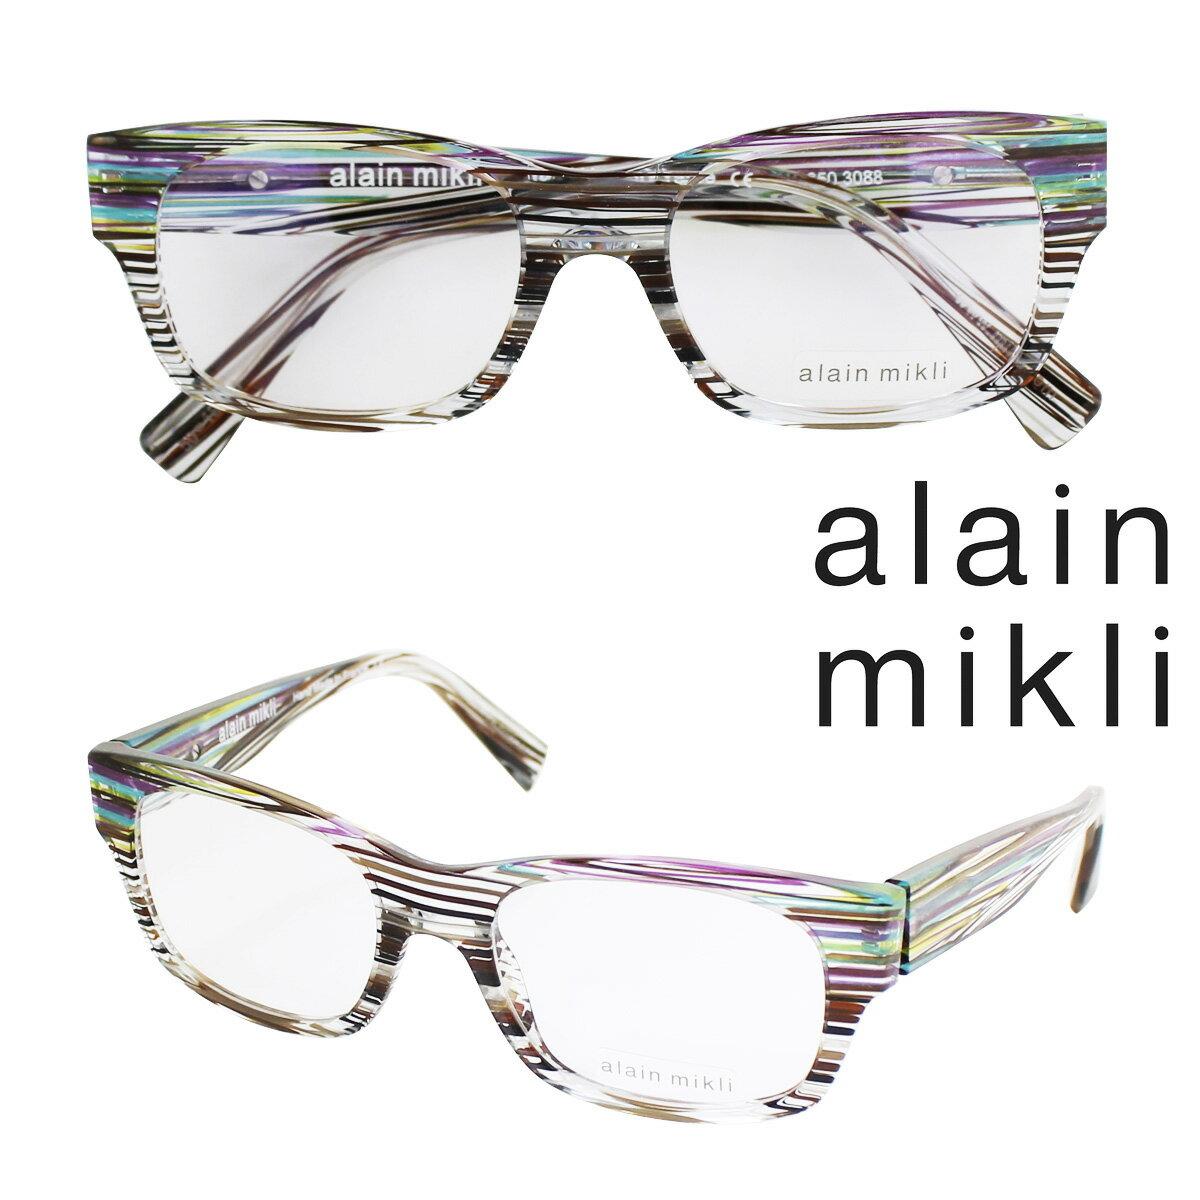 【最大2000円OFFクーポン ポイント最大32倍】 スタルクアイズ STARCK EYES アランミクリ メガネ 眼鏡 フランス製 メンズ レディース 【返品不可】